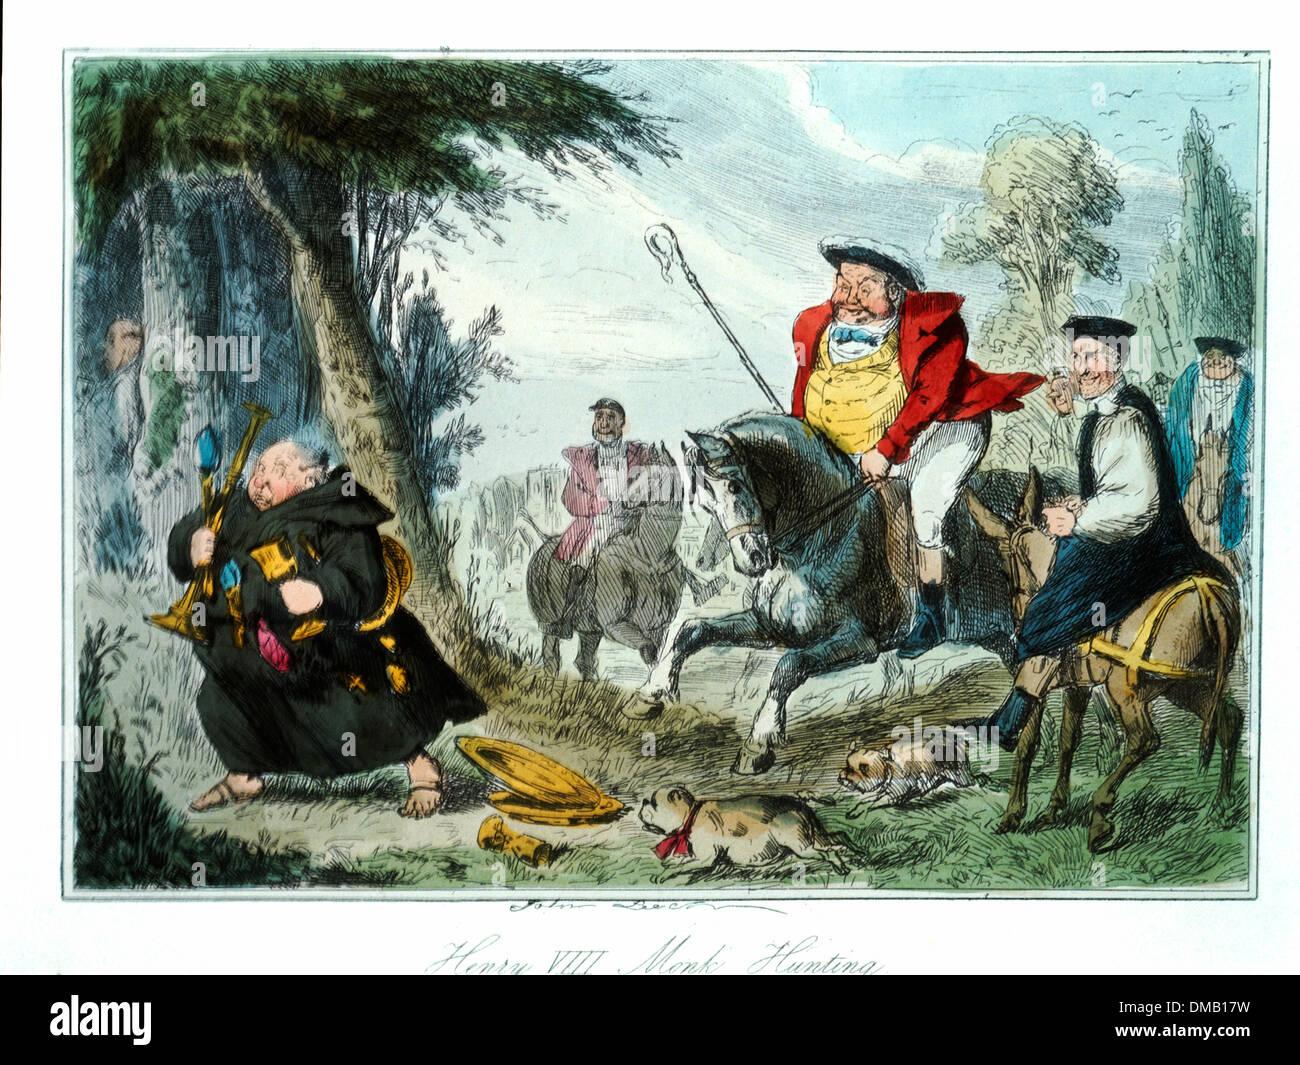 Henry VIII Monaco la caccia, fumetti storia dell'Inghilterra, attacco colorati da John Leech, 1850 Immagini Stock